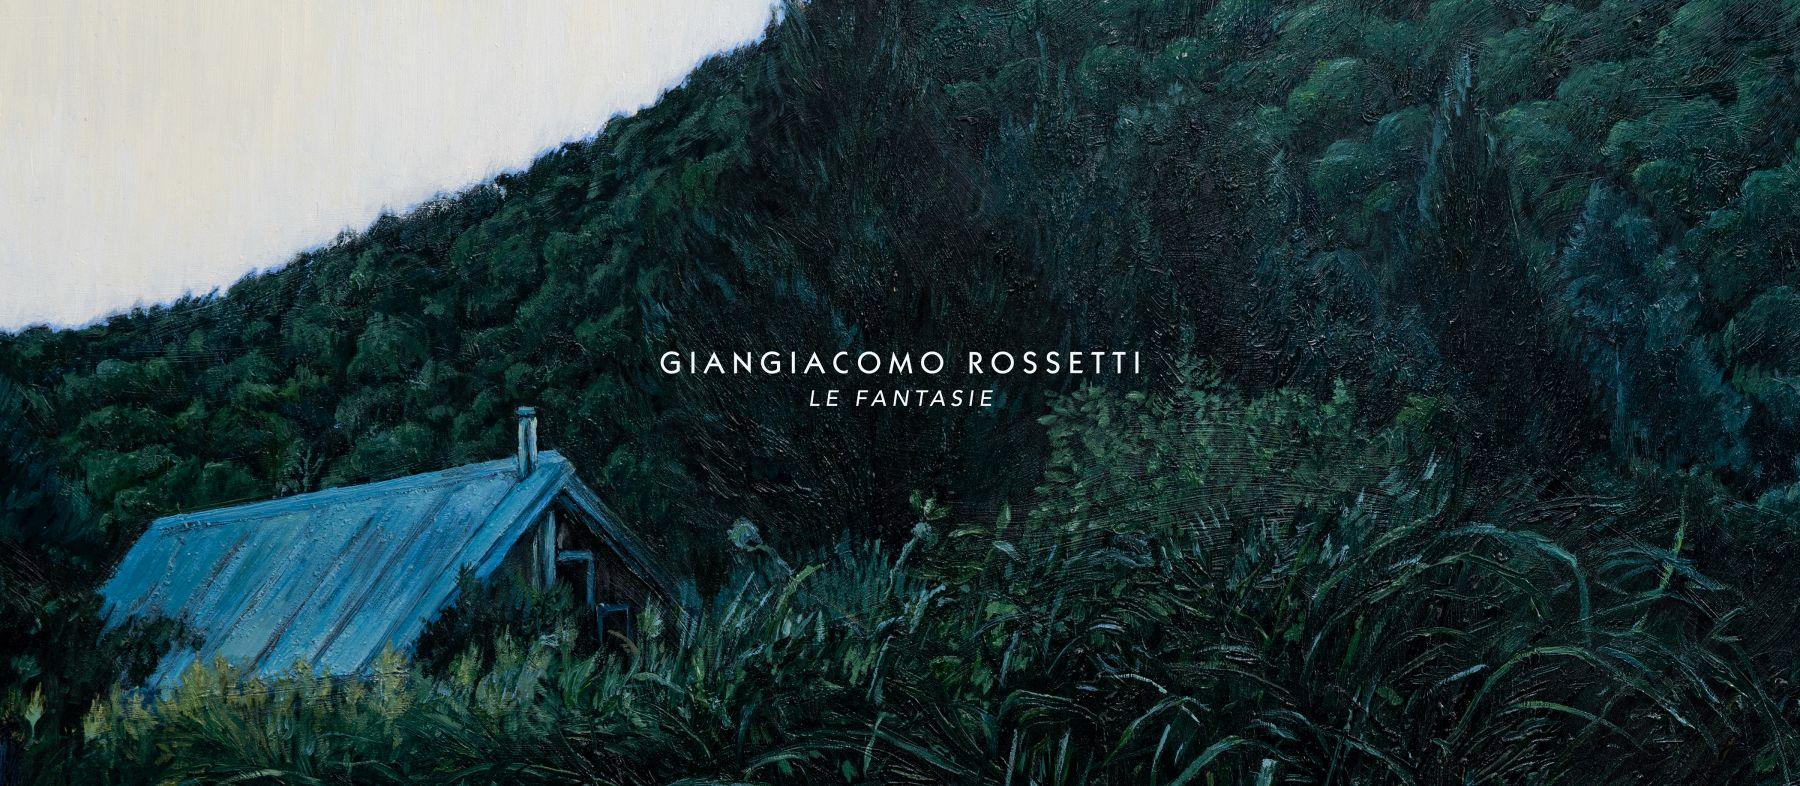 Giangiacomo Rossetti